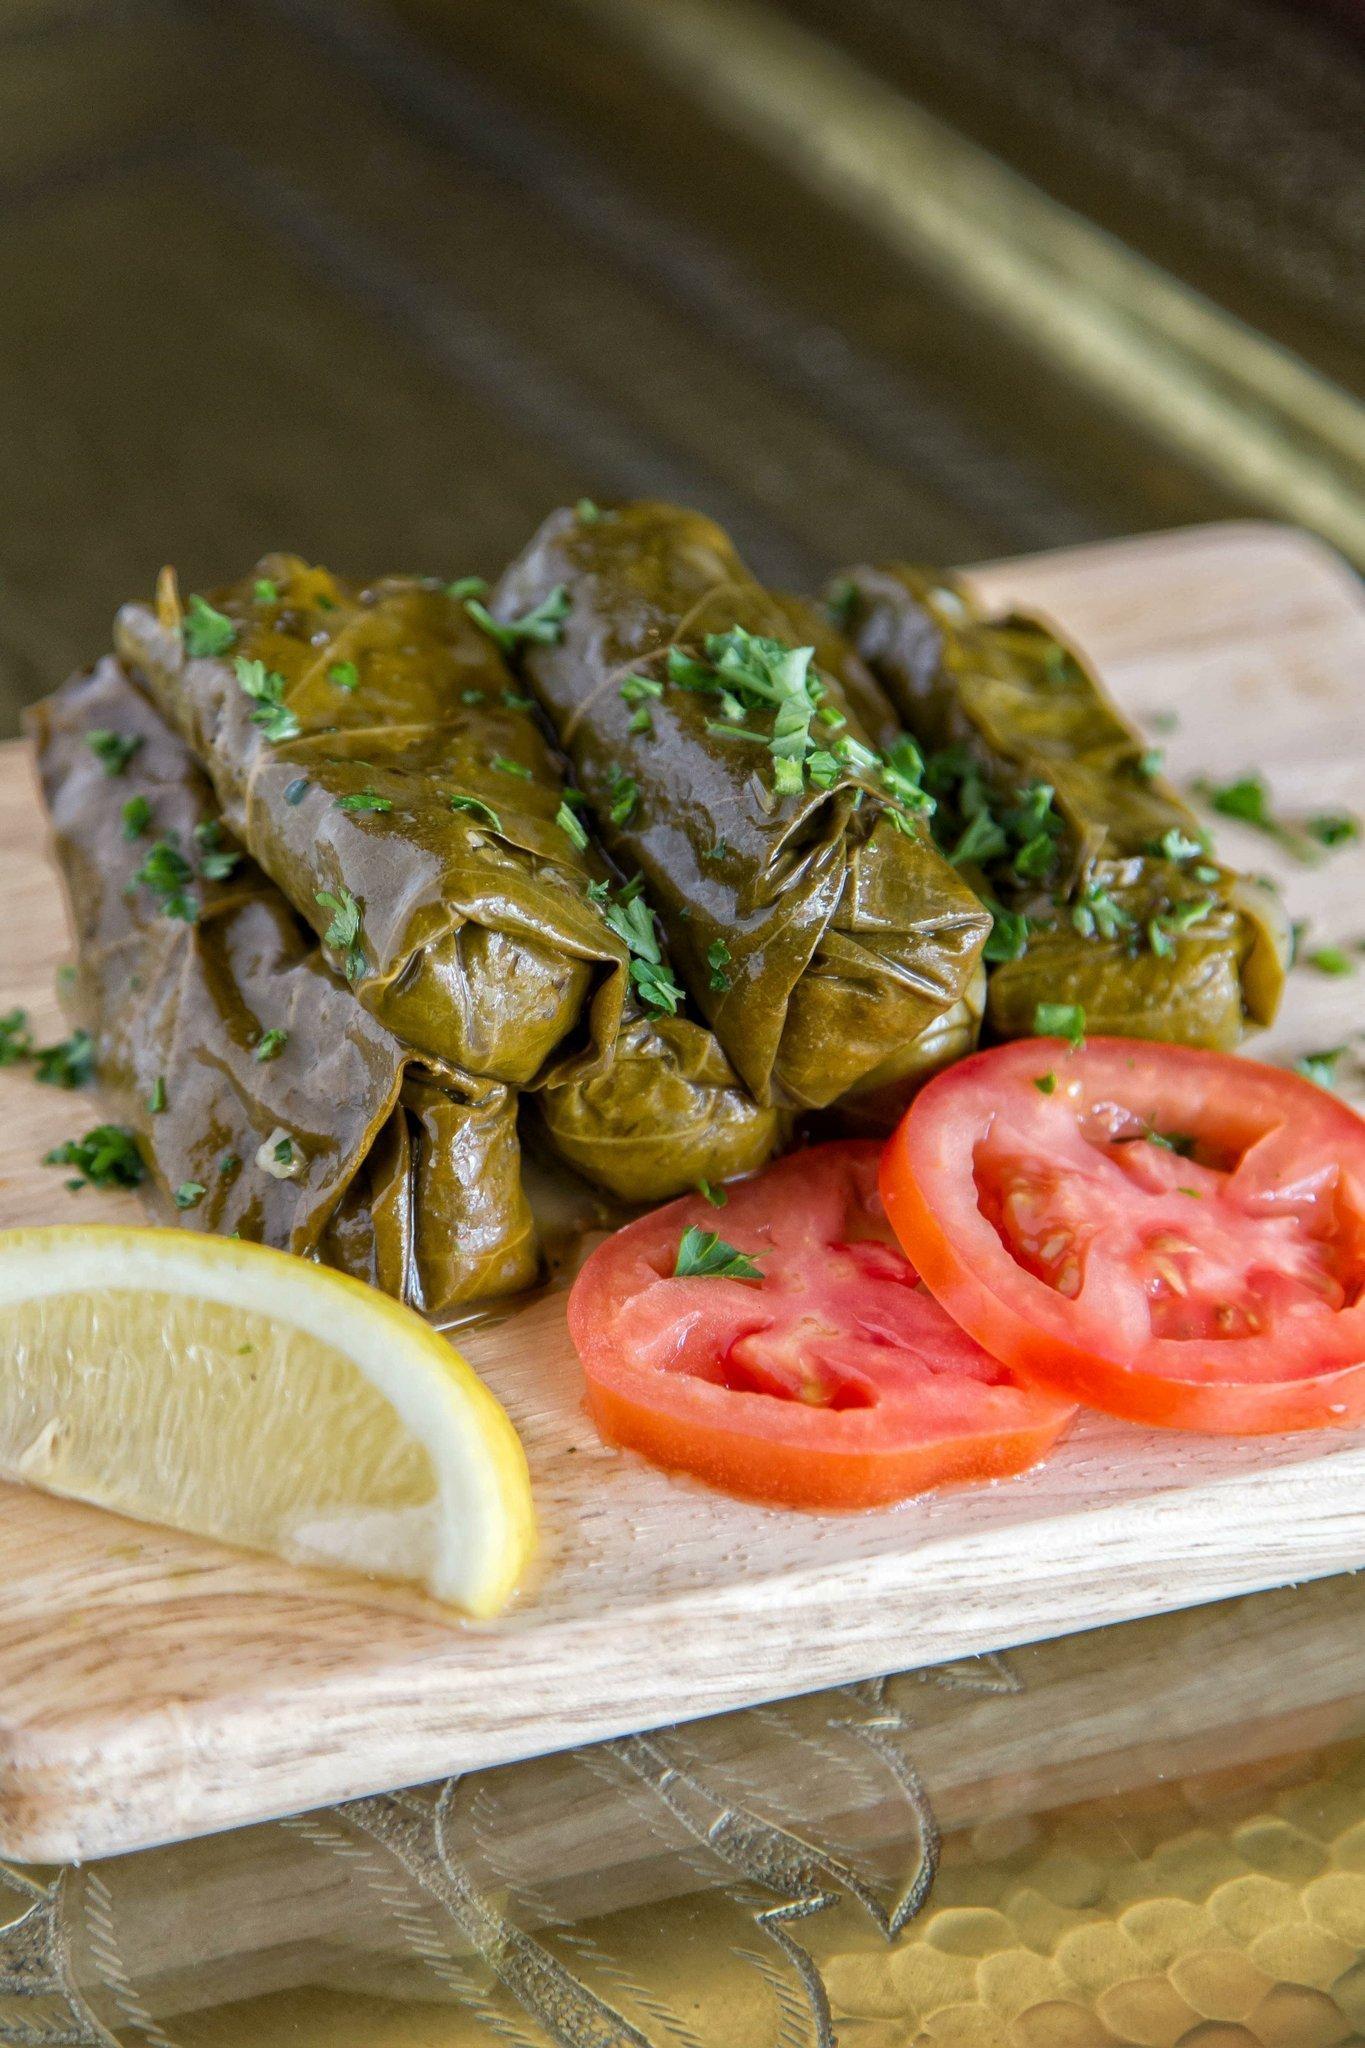 Taste of Lebanon - The San Diego Union-Tribune